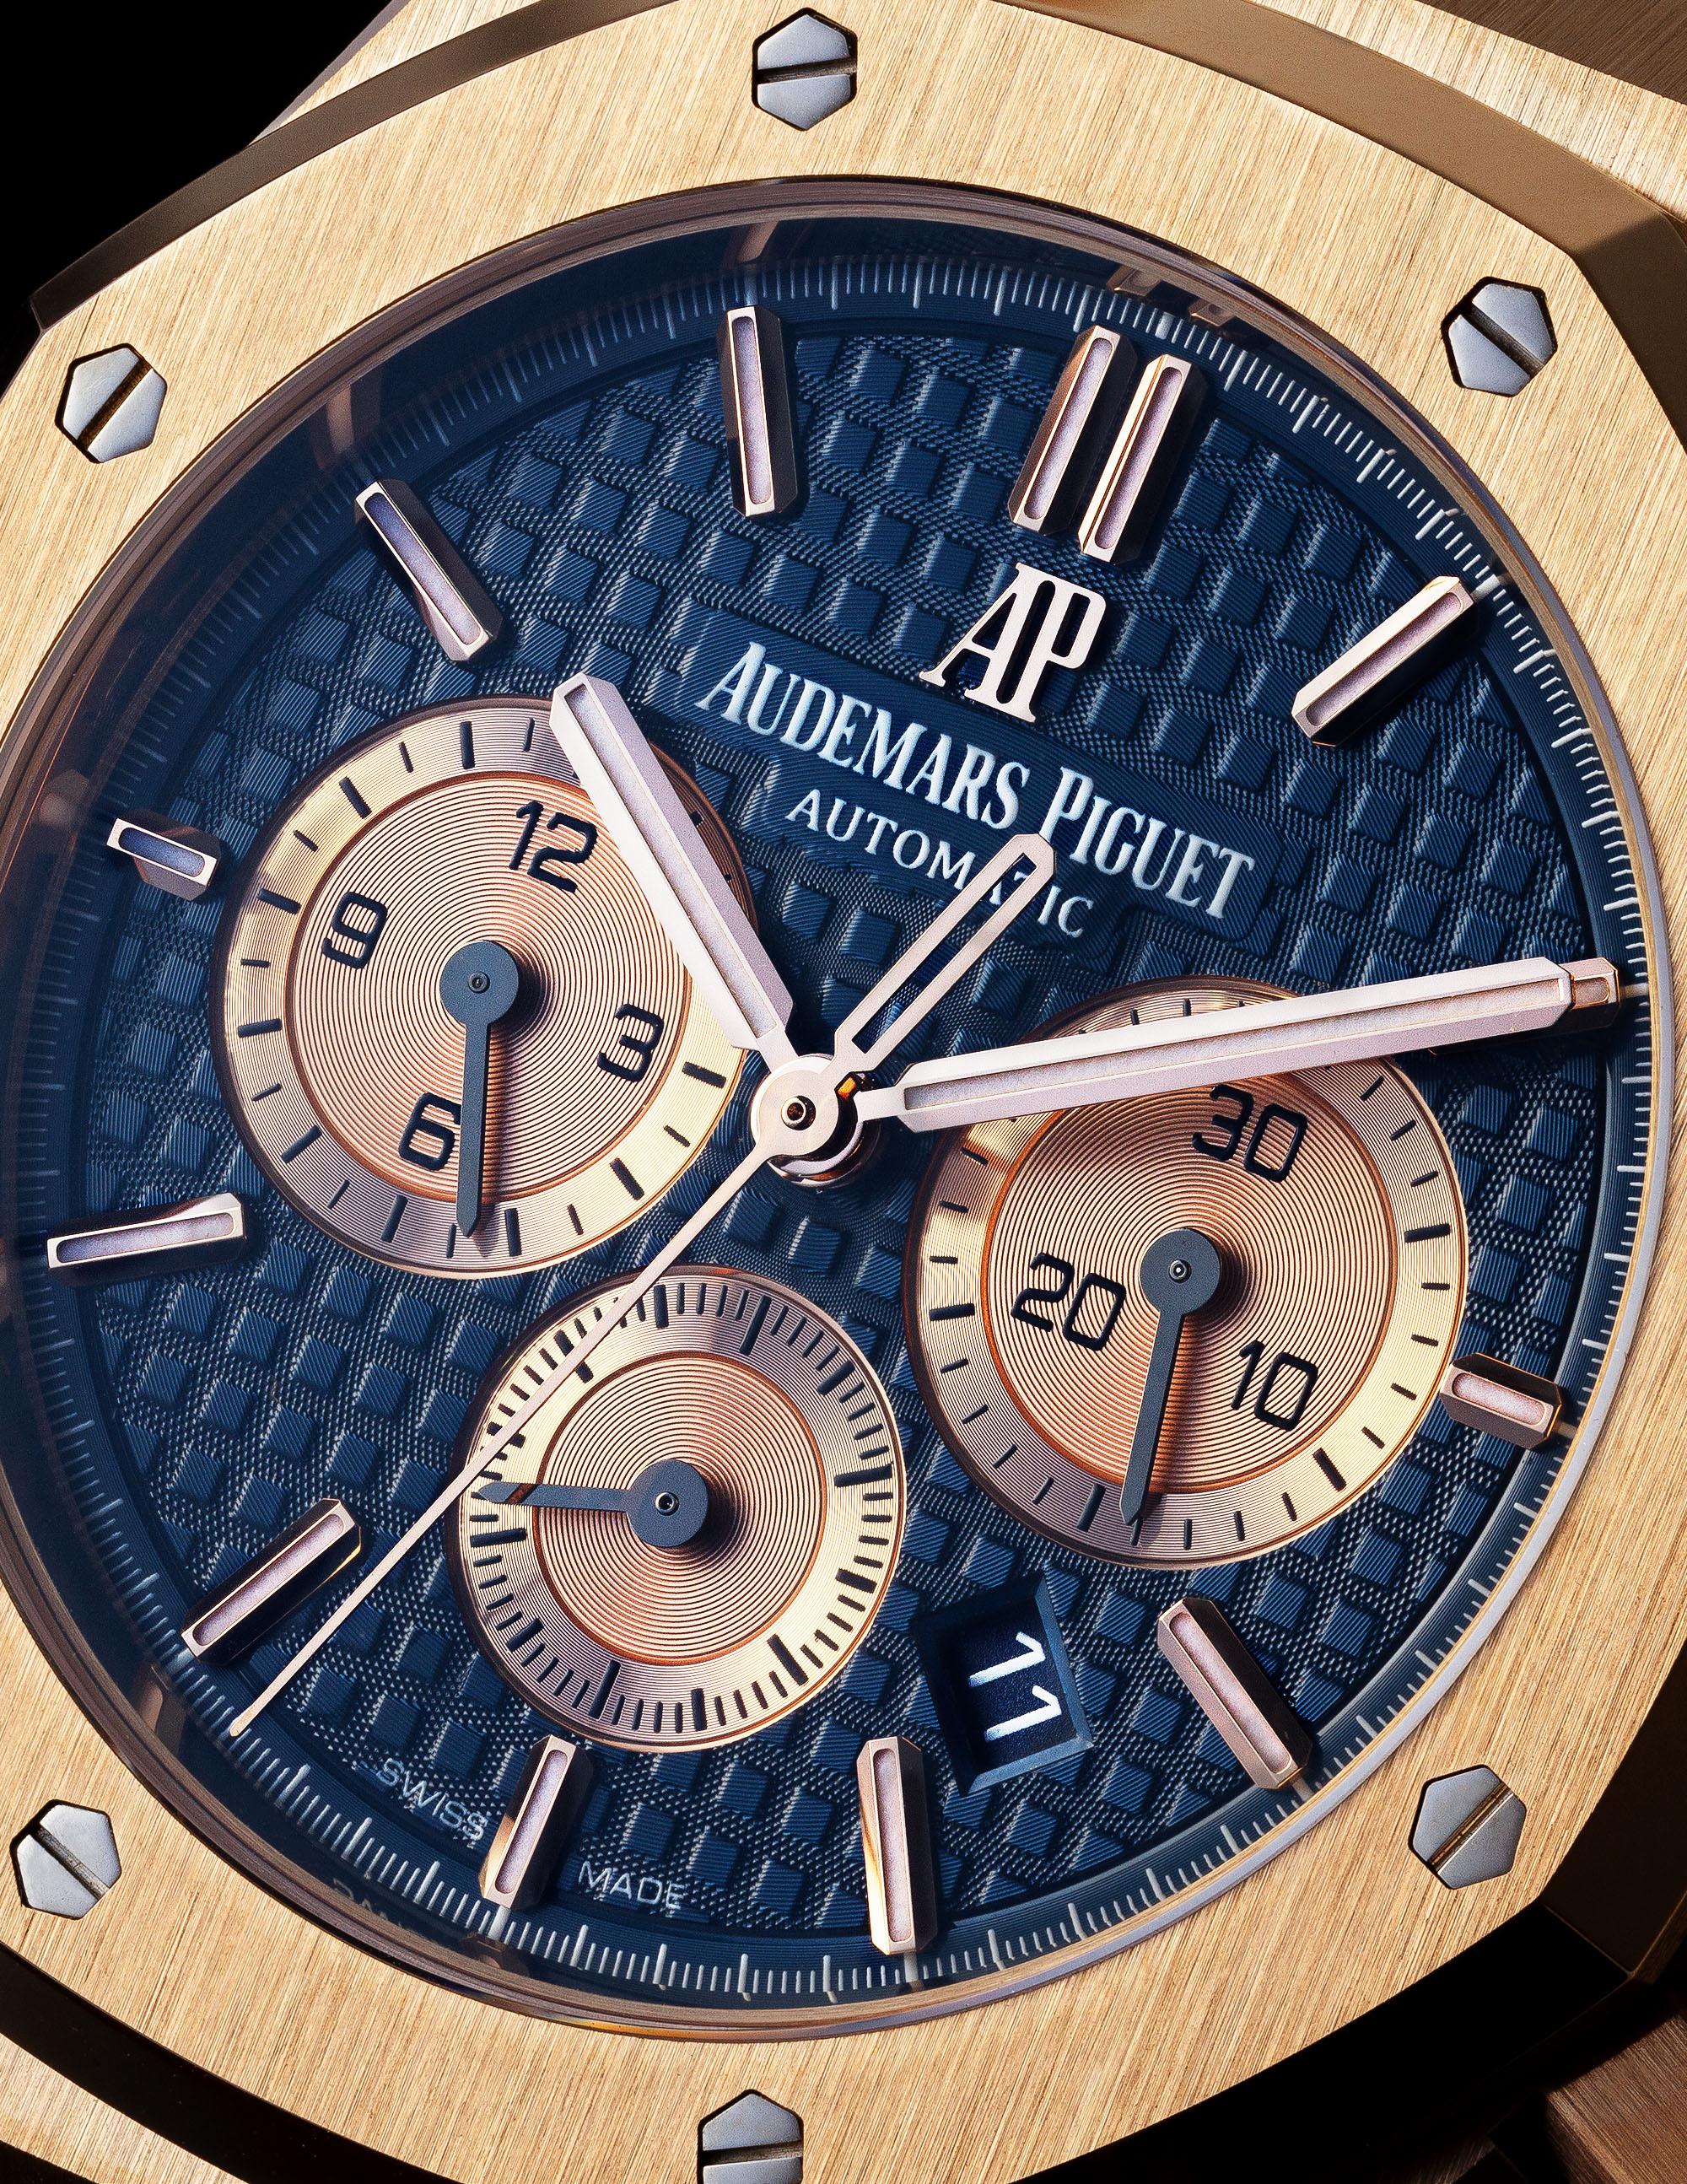 kashtan-ap-audemars-piguet-rose-gold-and-blue-face-royal-oak-2.jpg